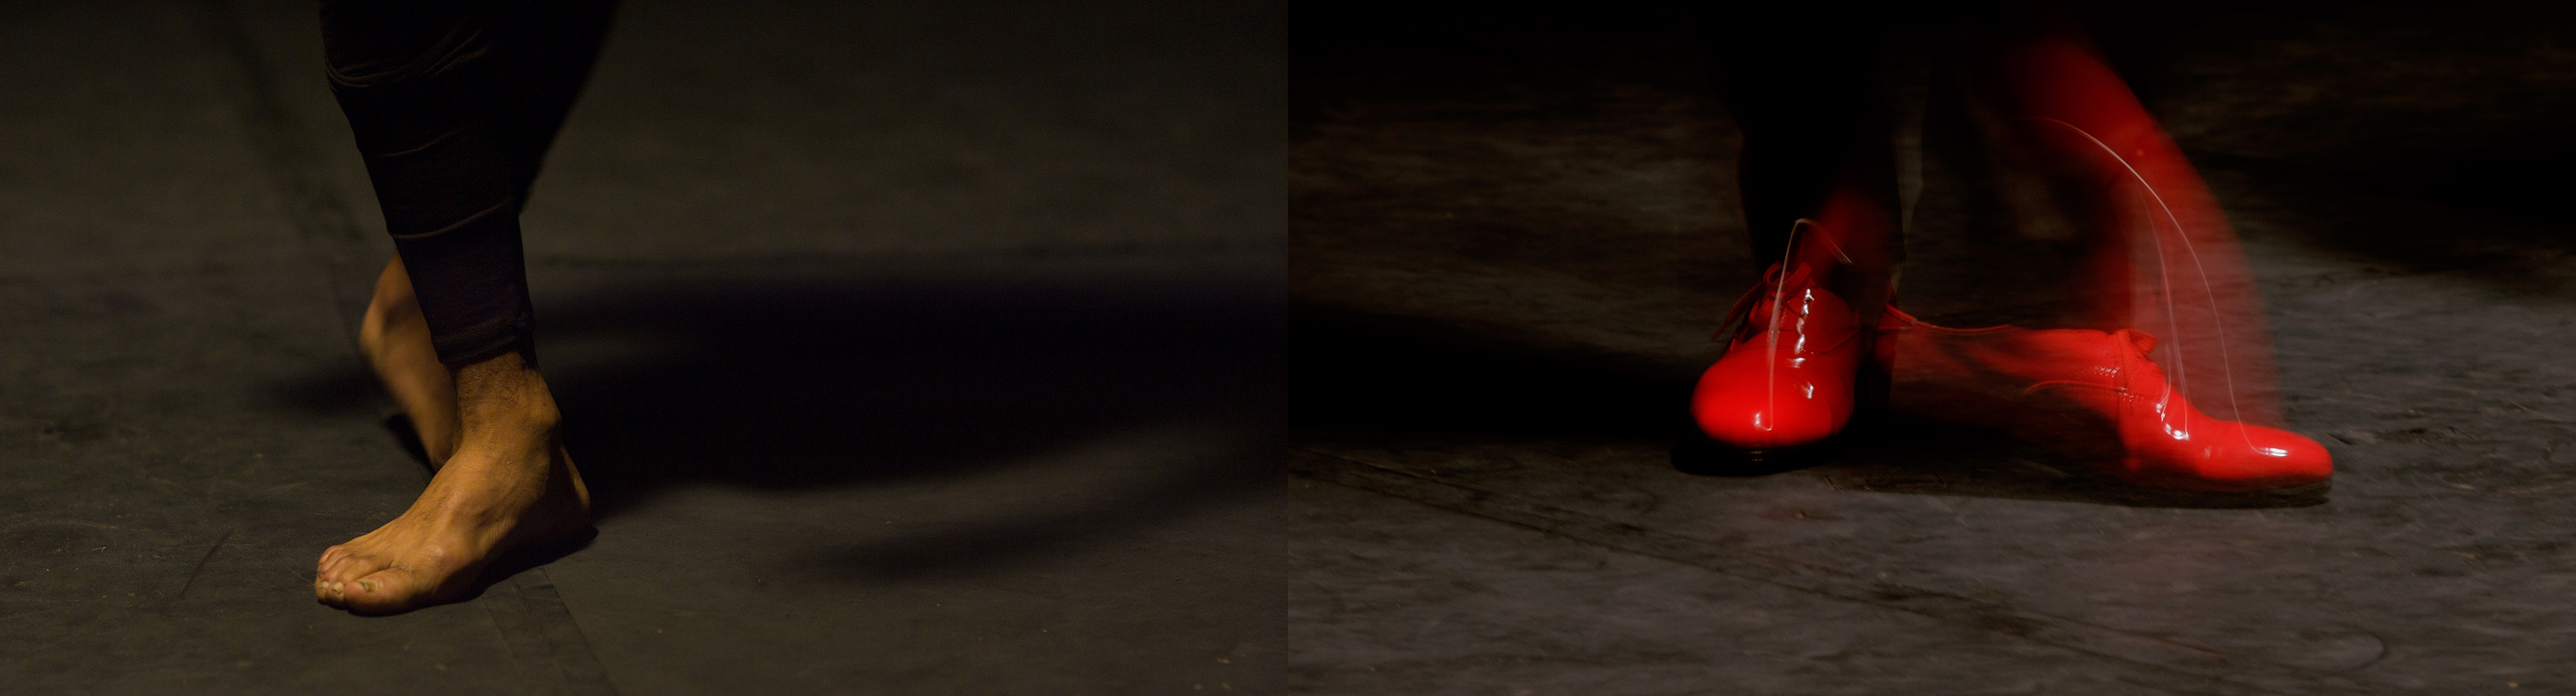 Dientes Rotos 3, 2015, 60x222cm